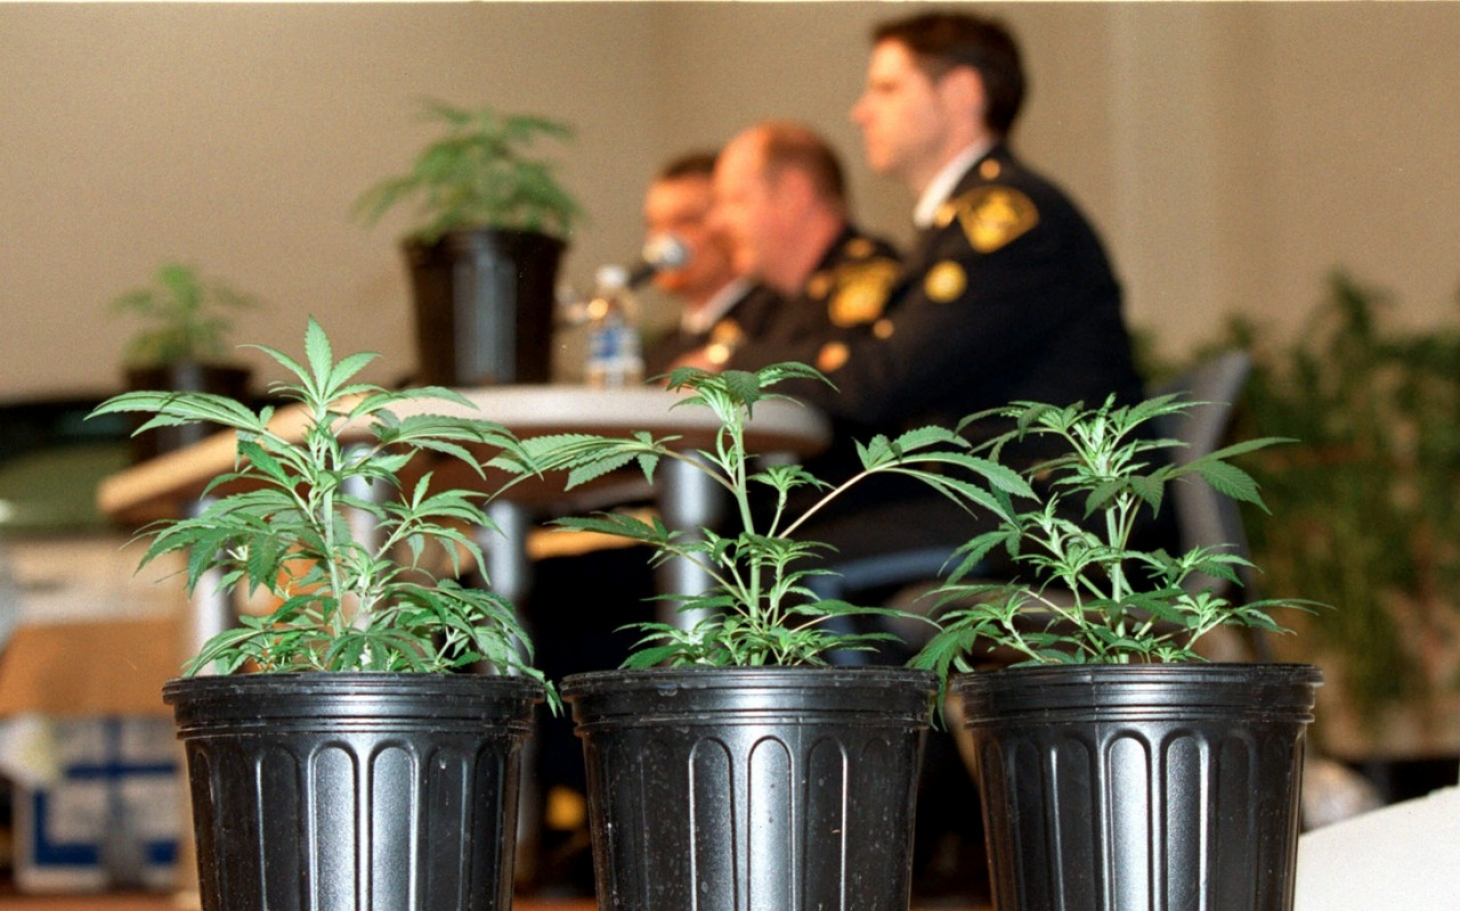 DEA obstructs research into medical marijuana: report   Al ...